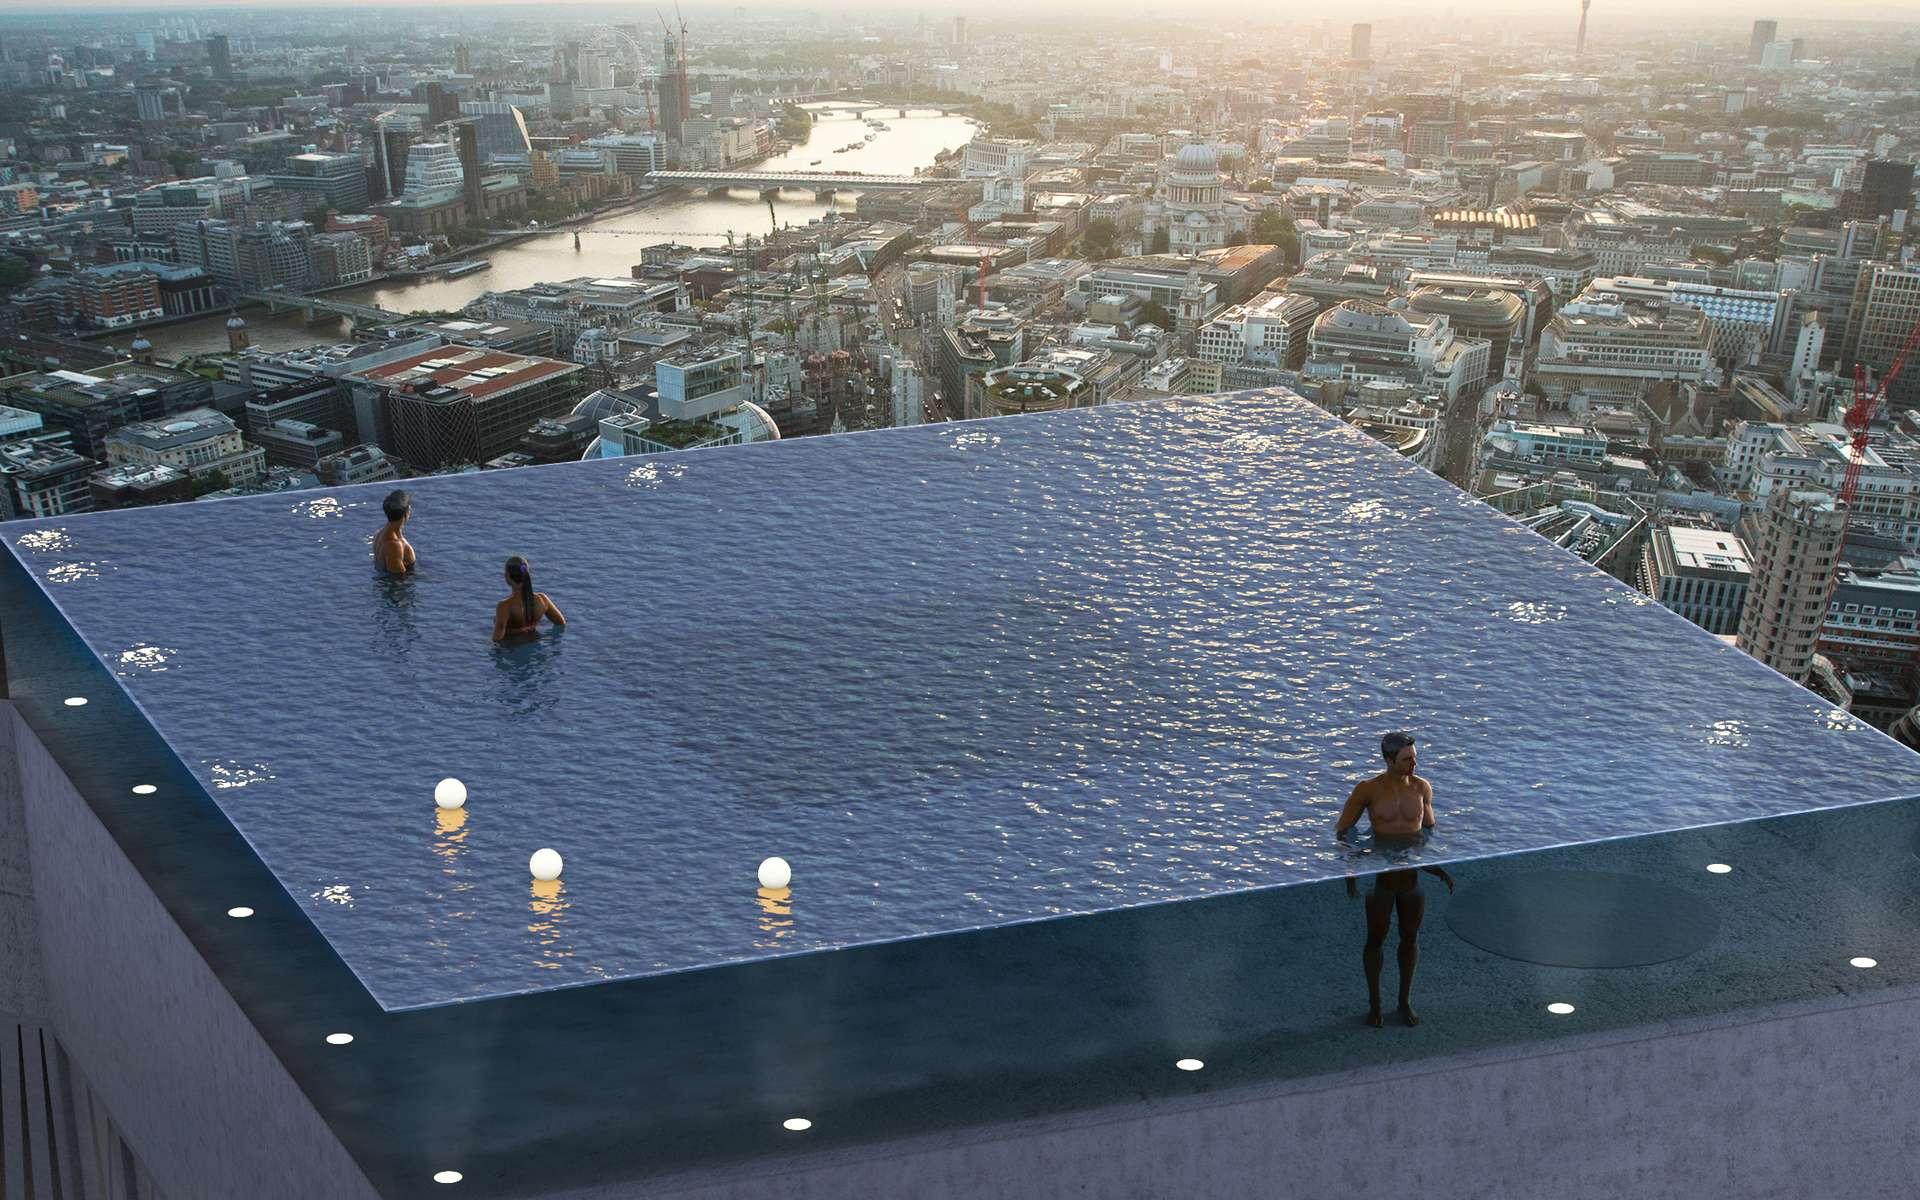 La piscine aux parois transparentes sera installée au sommet de l'un des plus hauts gratte-ciels de Londres. © Courtesy of Compass Pool